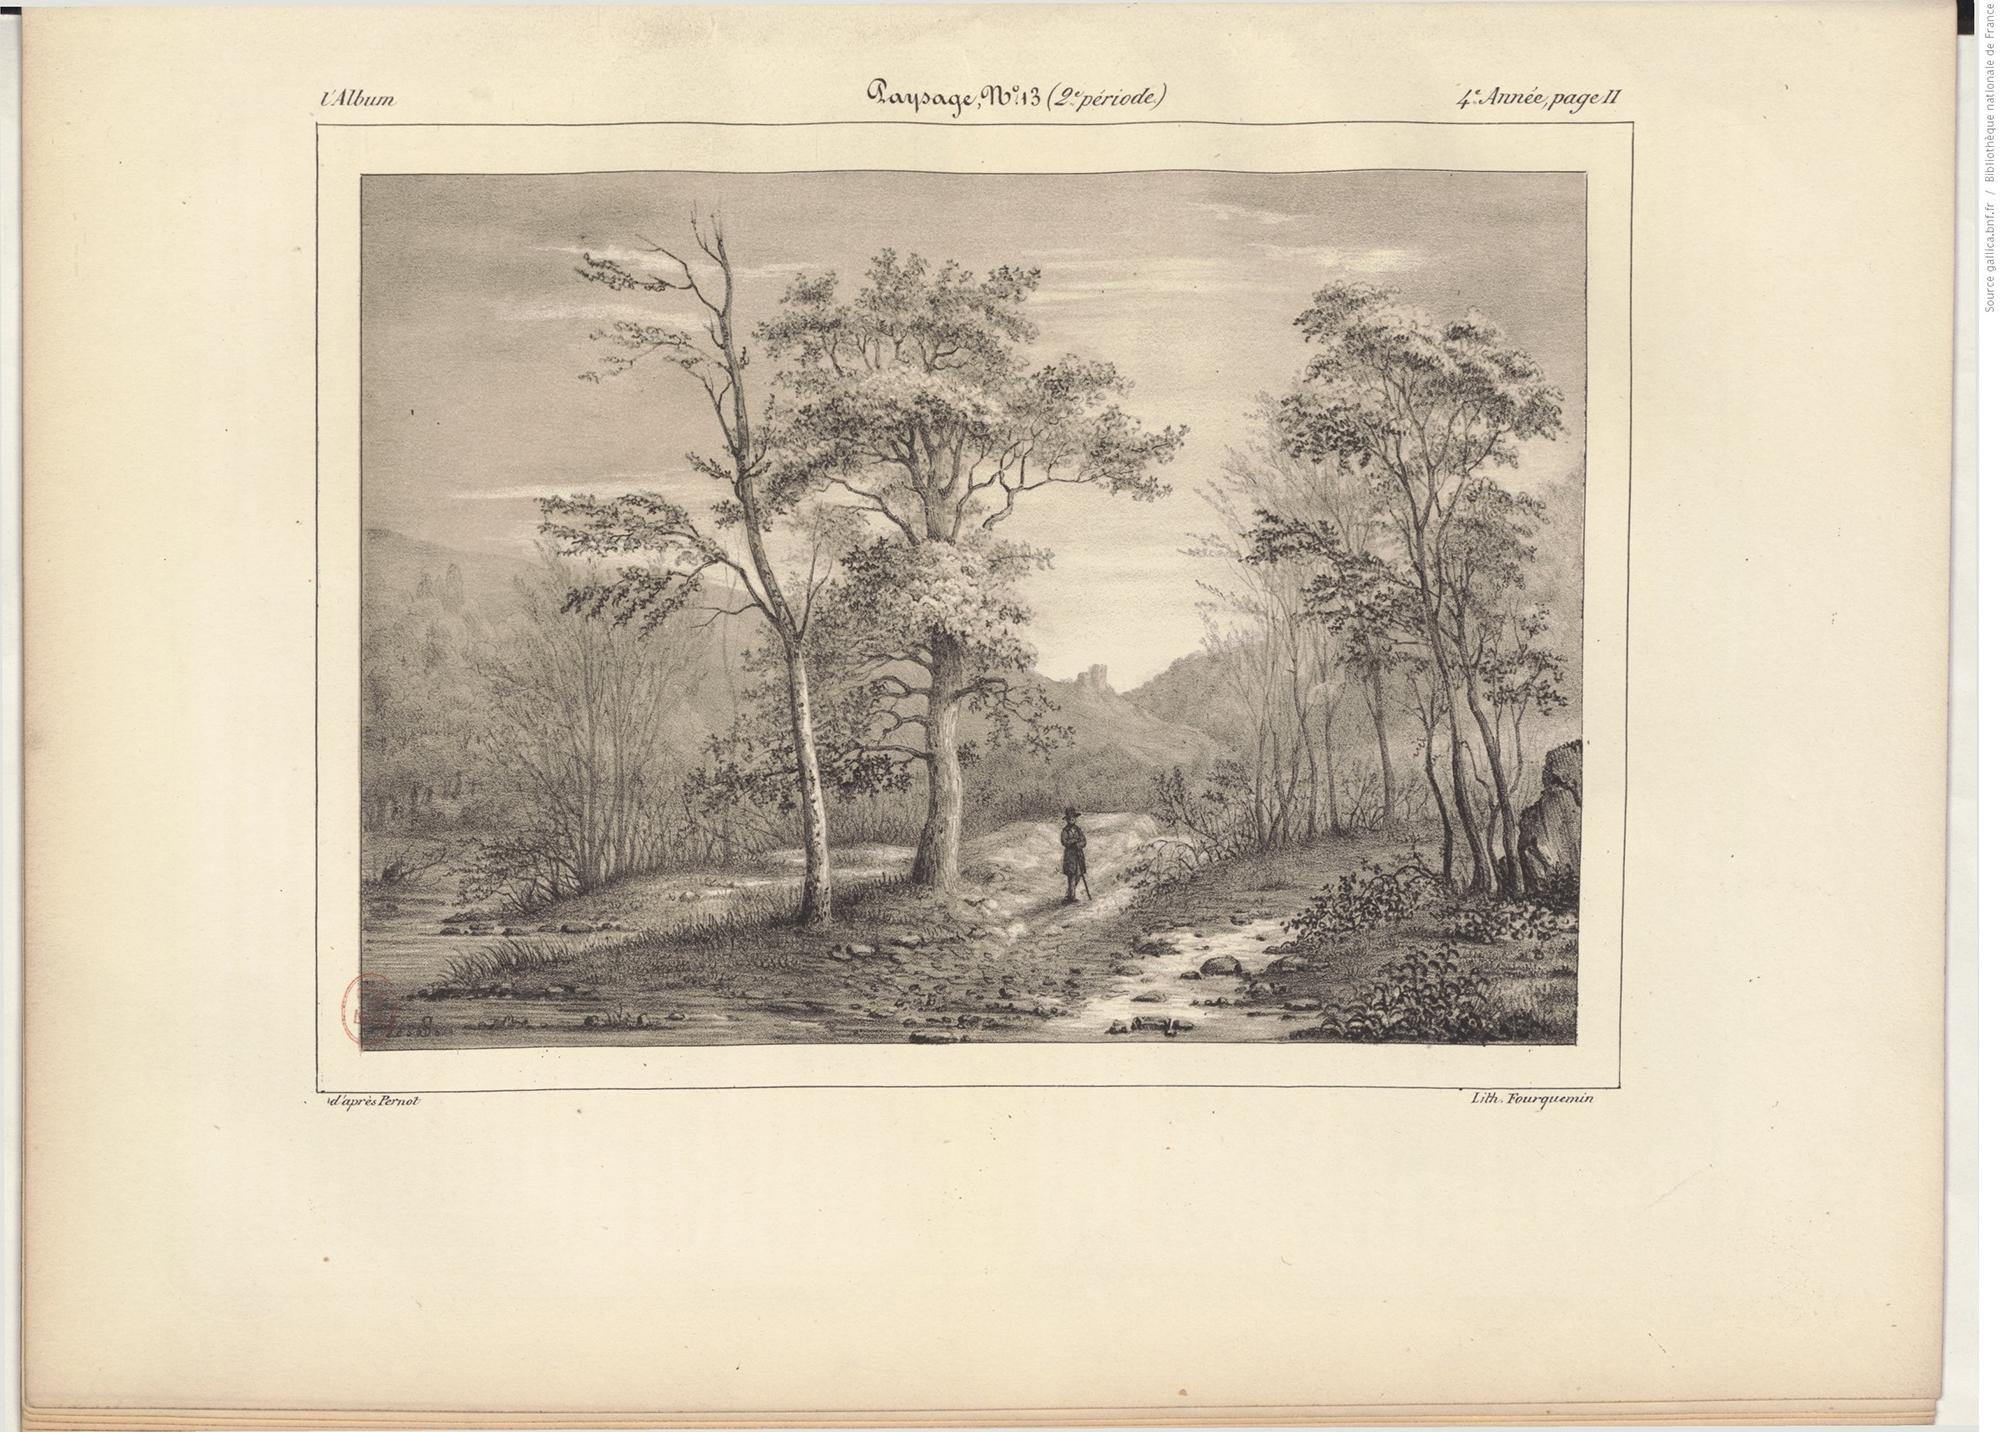 Gallica, Album, journal destiné aux artistes, arbre, paysage